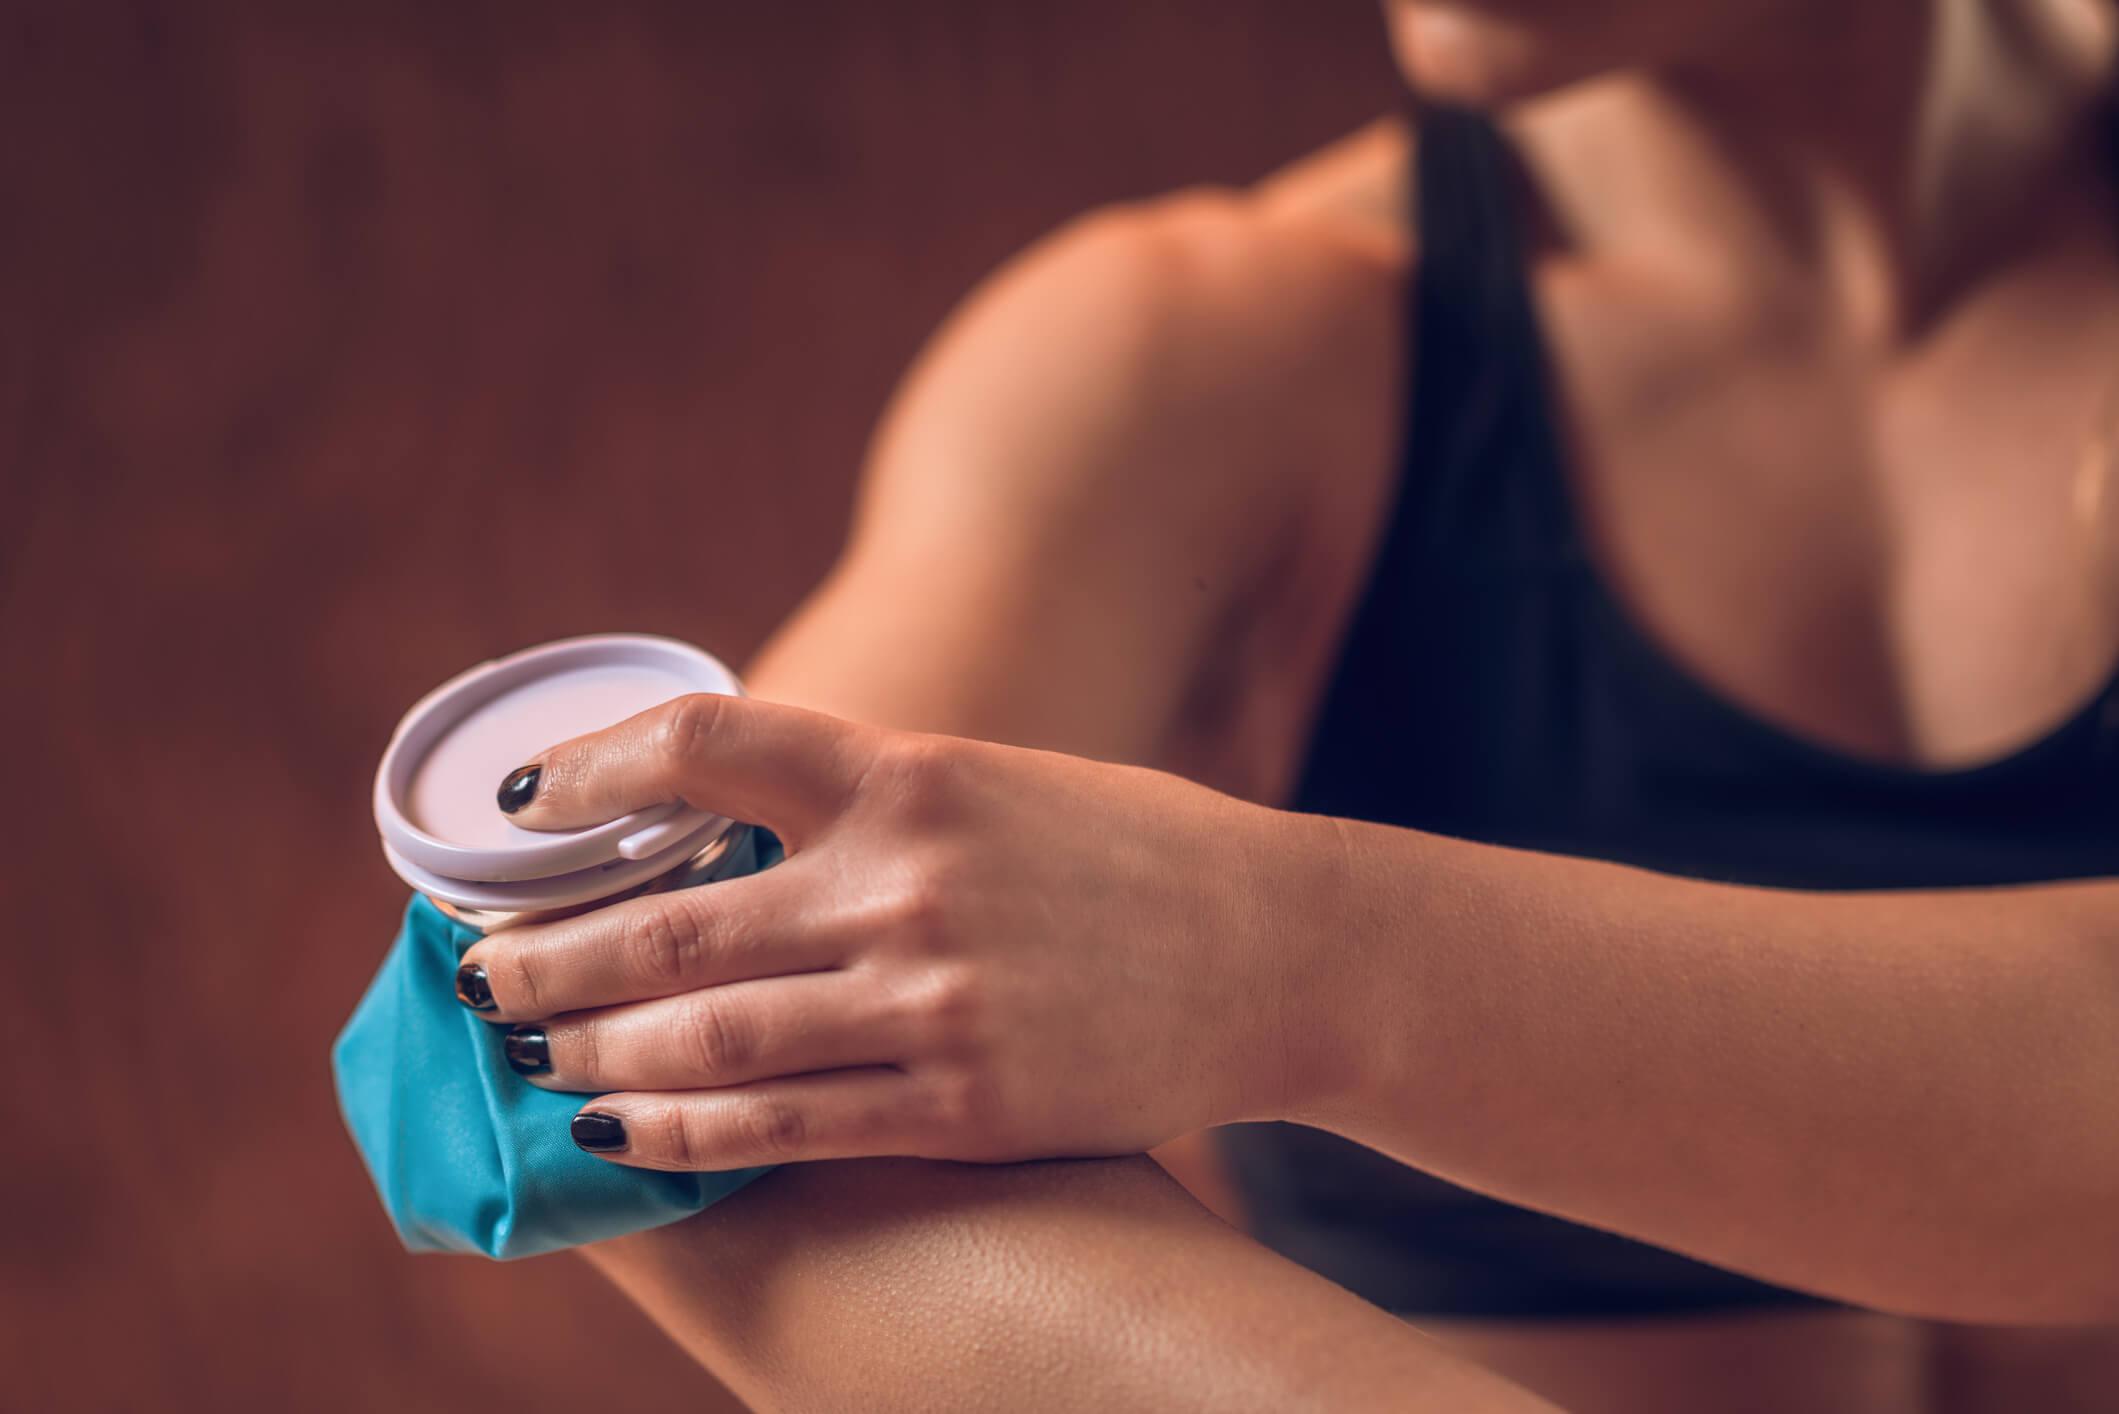 Quando Usar Calor E Frio Na Recuperação Muscular